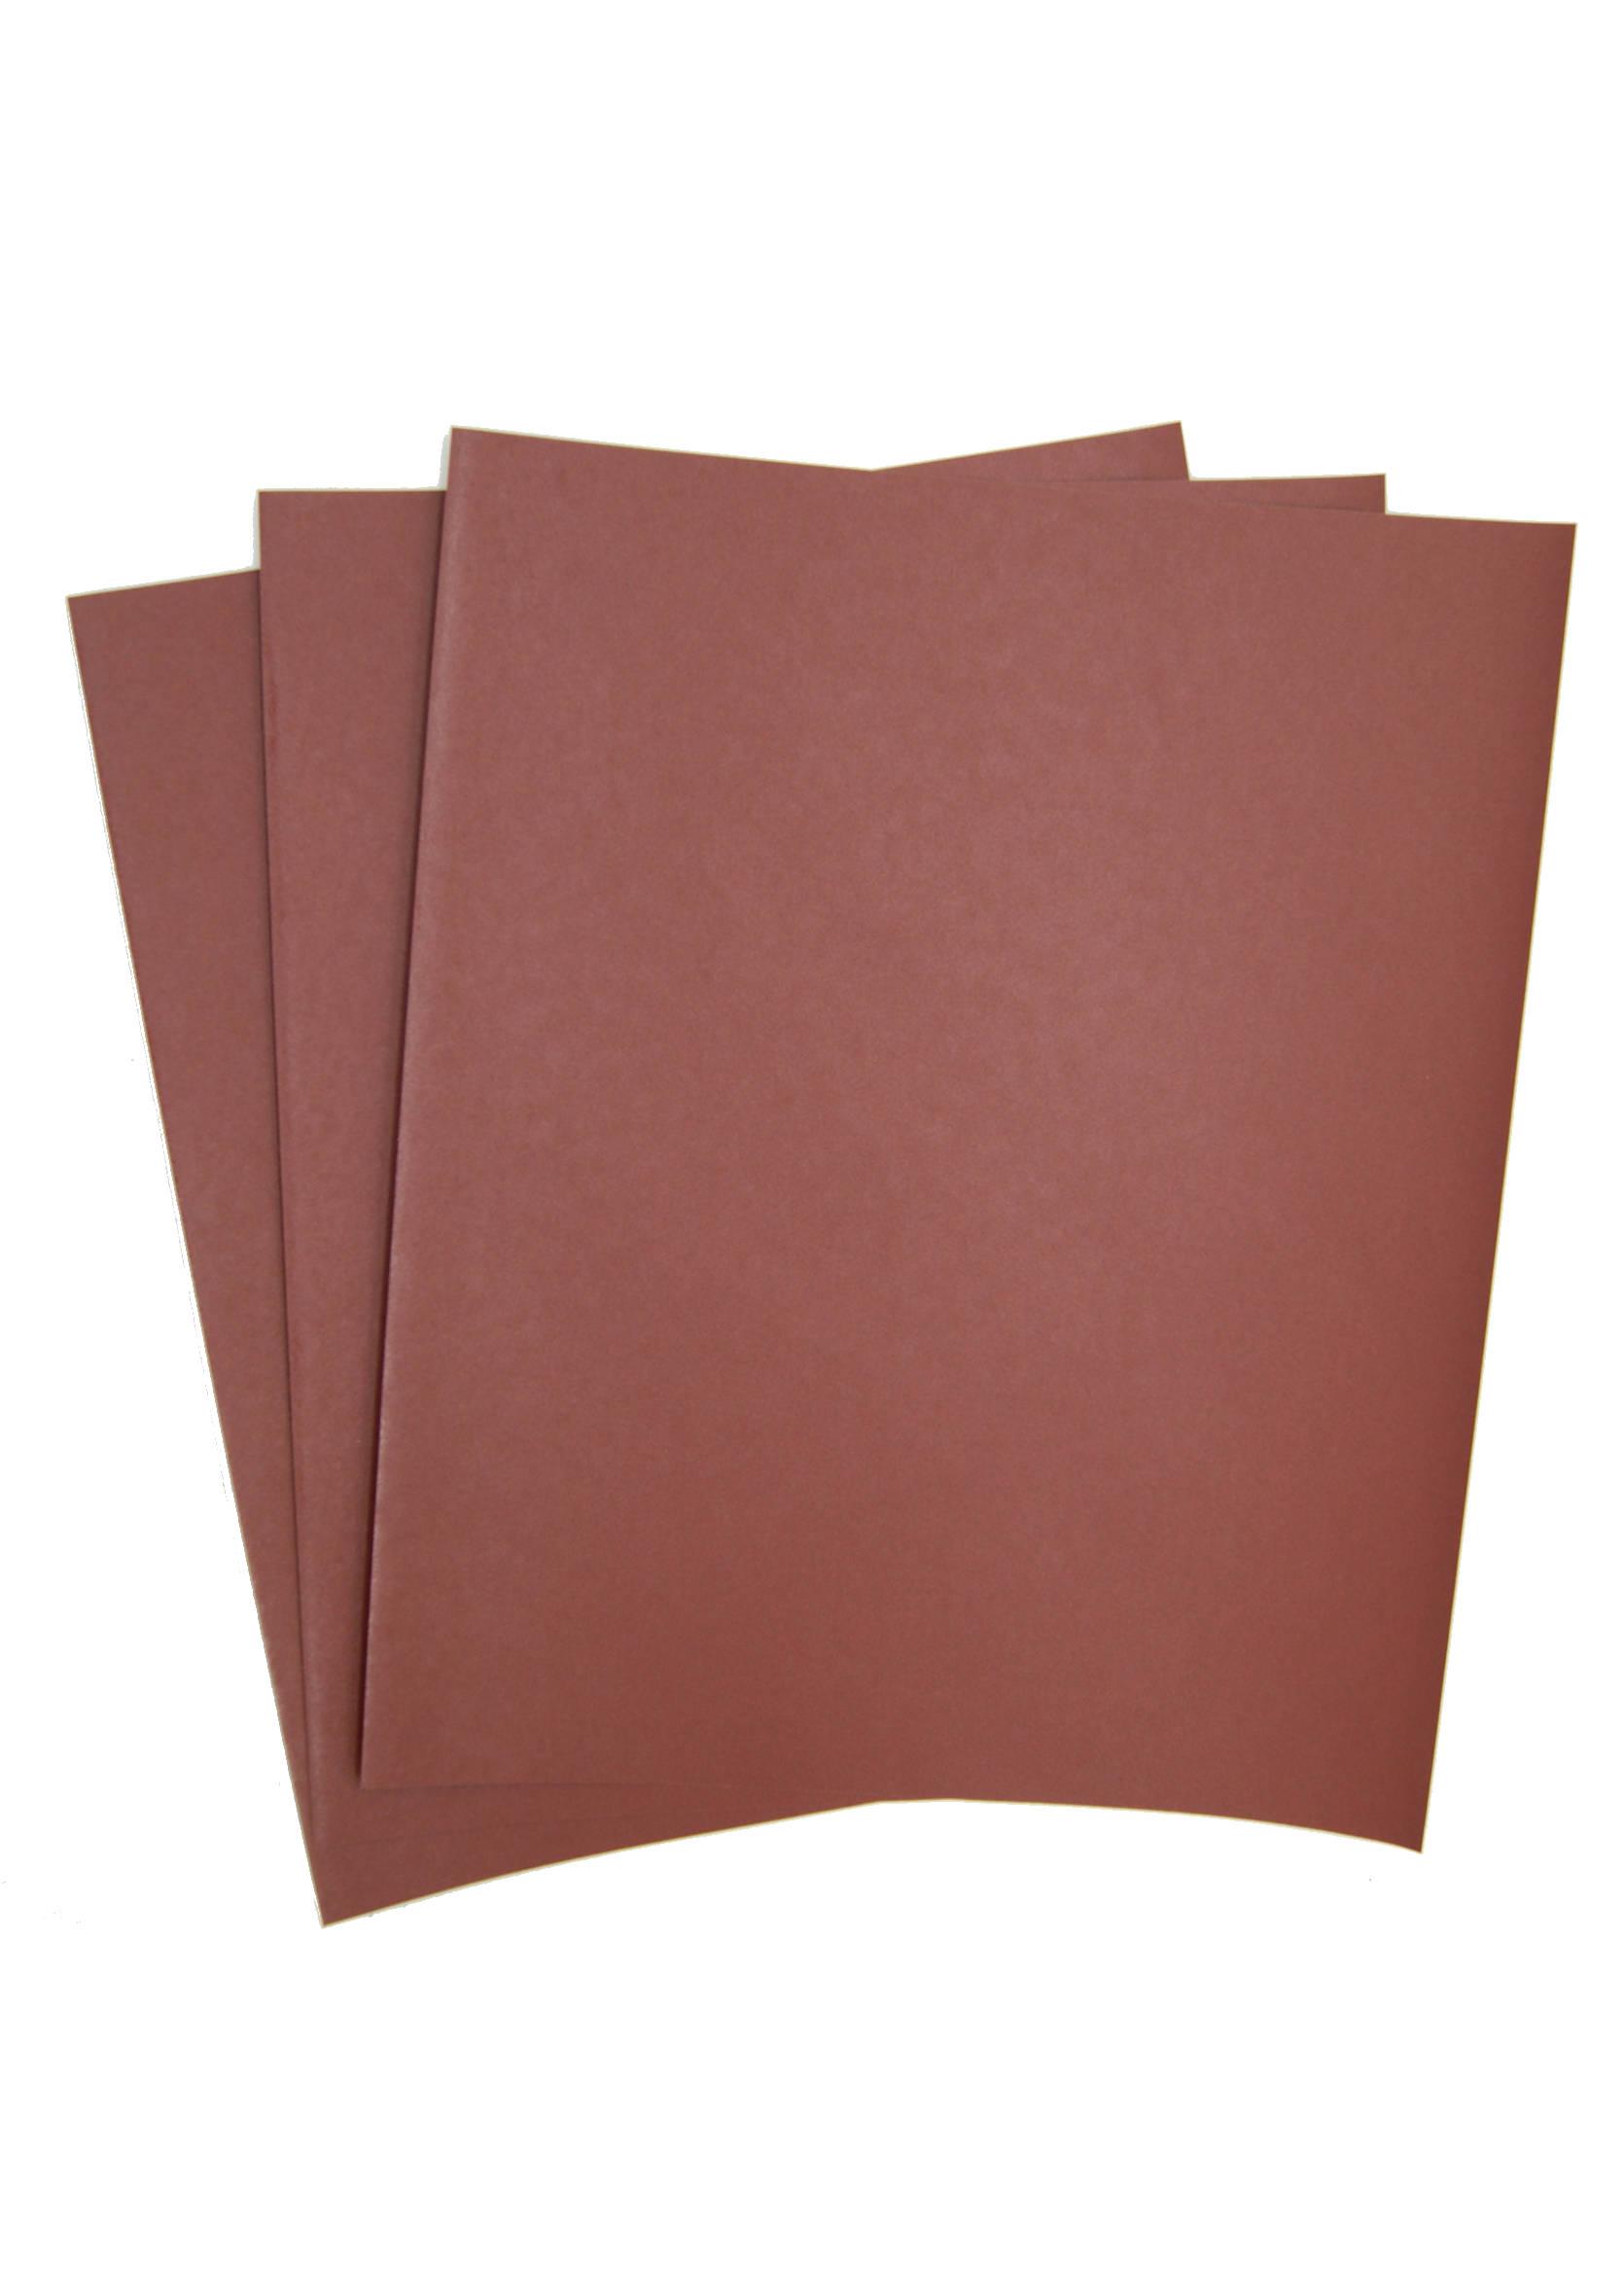 Indasa Rhynowet Sheet Red Line P1000 Papier Ścierny Wodny 230x280mm 1szt.